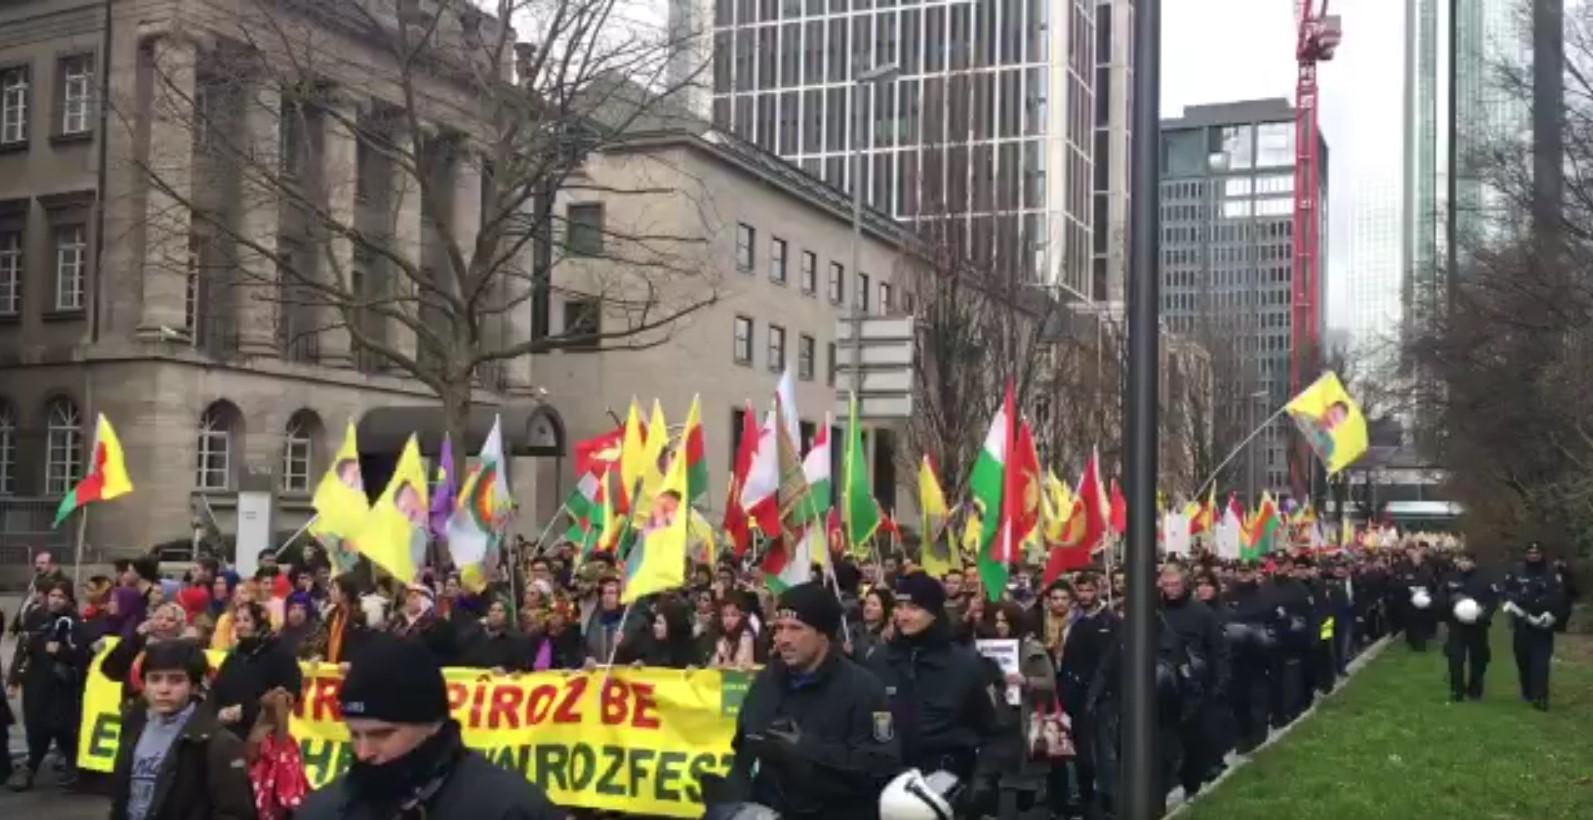 Dışişleri'nden Almanya'da PKK mitingi düzenlenmesine kınama